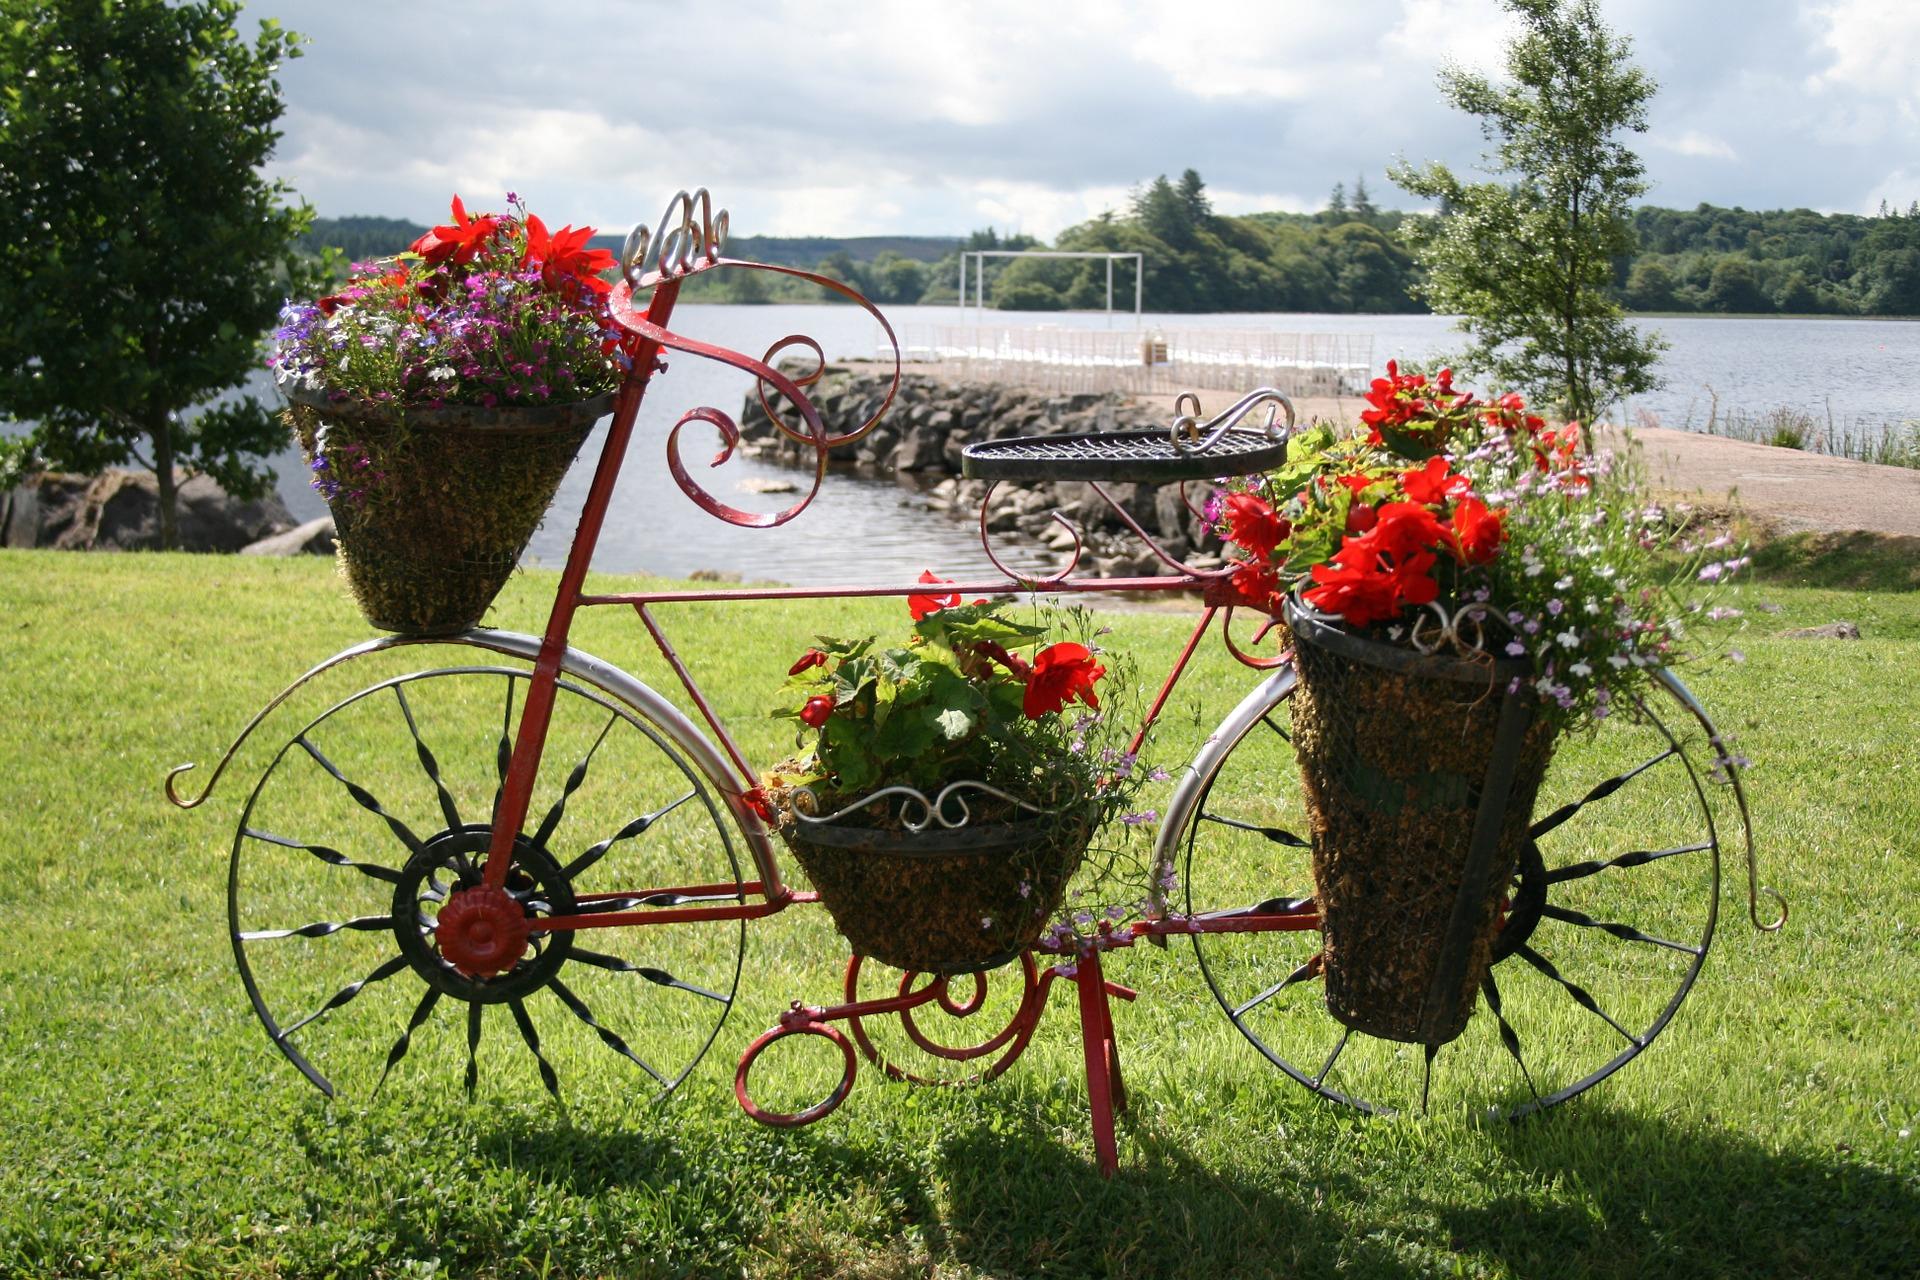 Une Touche D'originalité Avec Le Vélo Déco Jardin | Unmec.fr intérieur Velo Deco Jardin